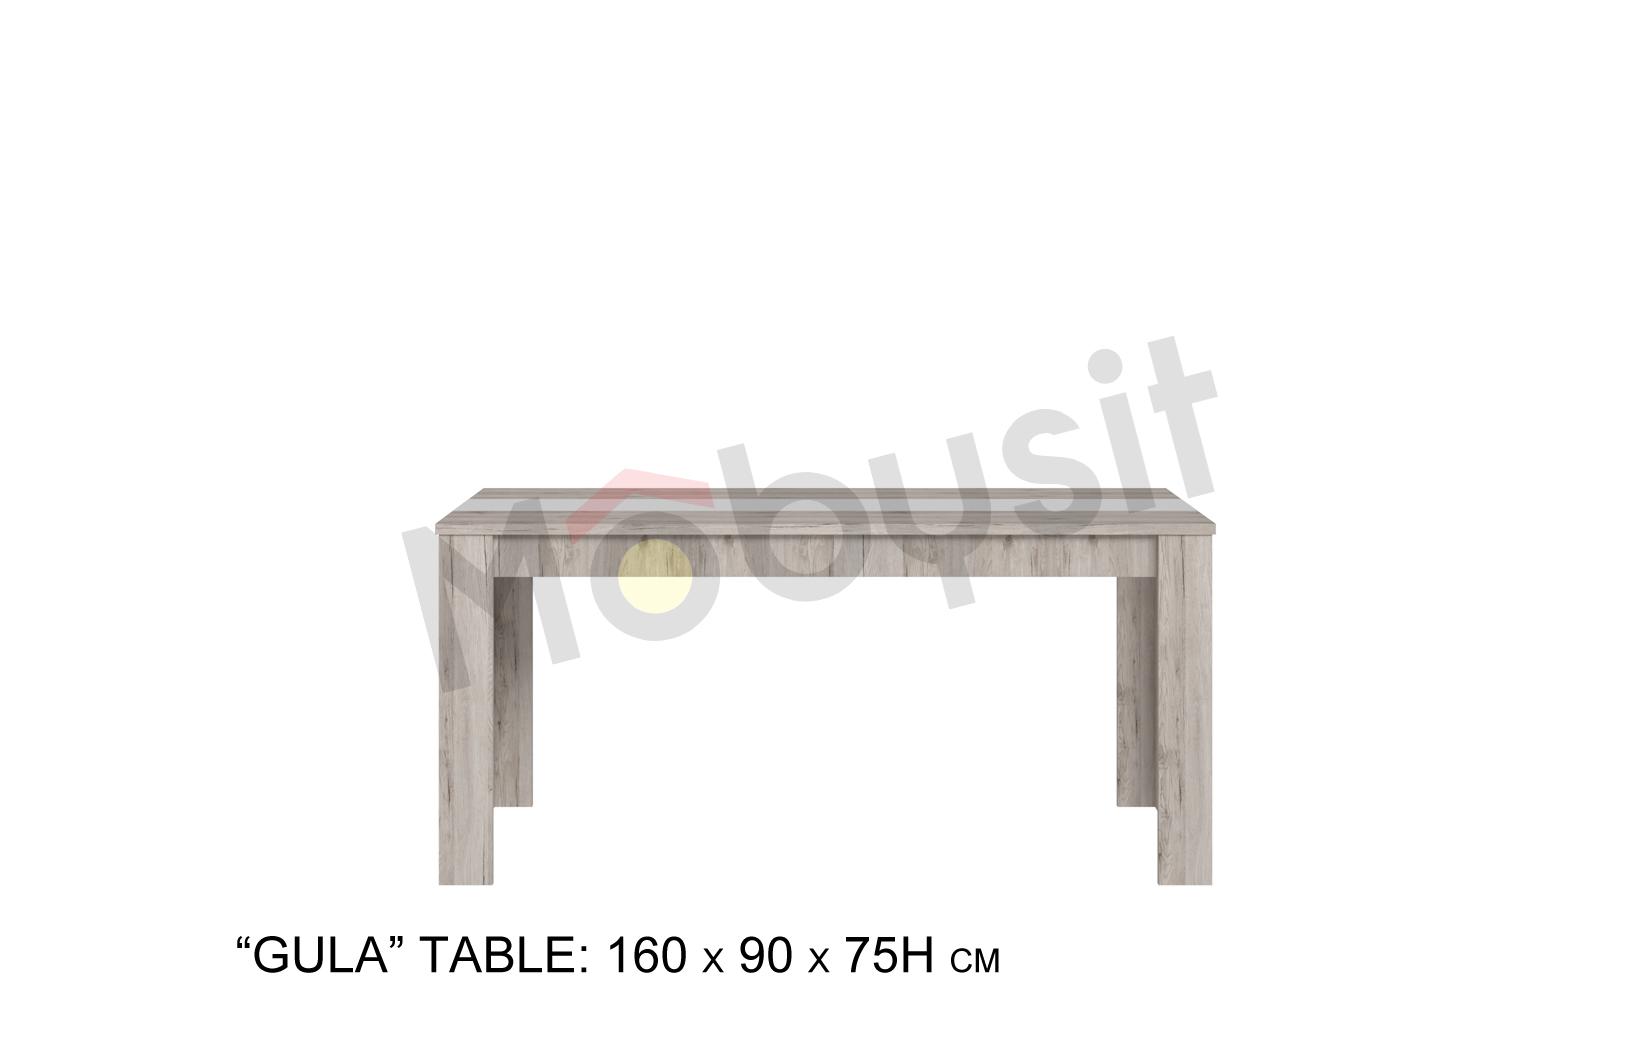 SITE BIG Gulada table